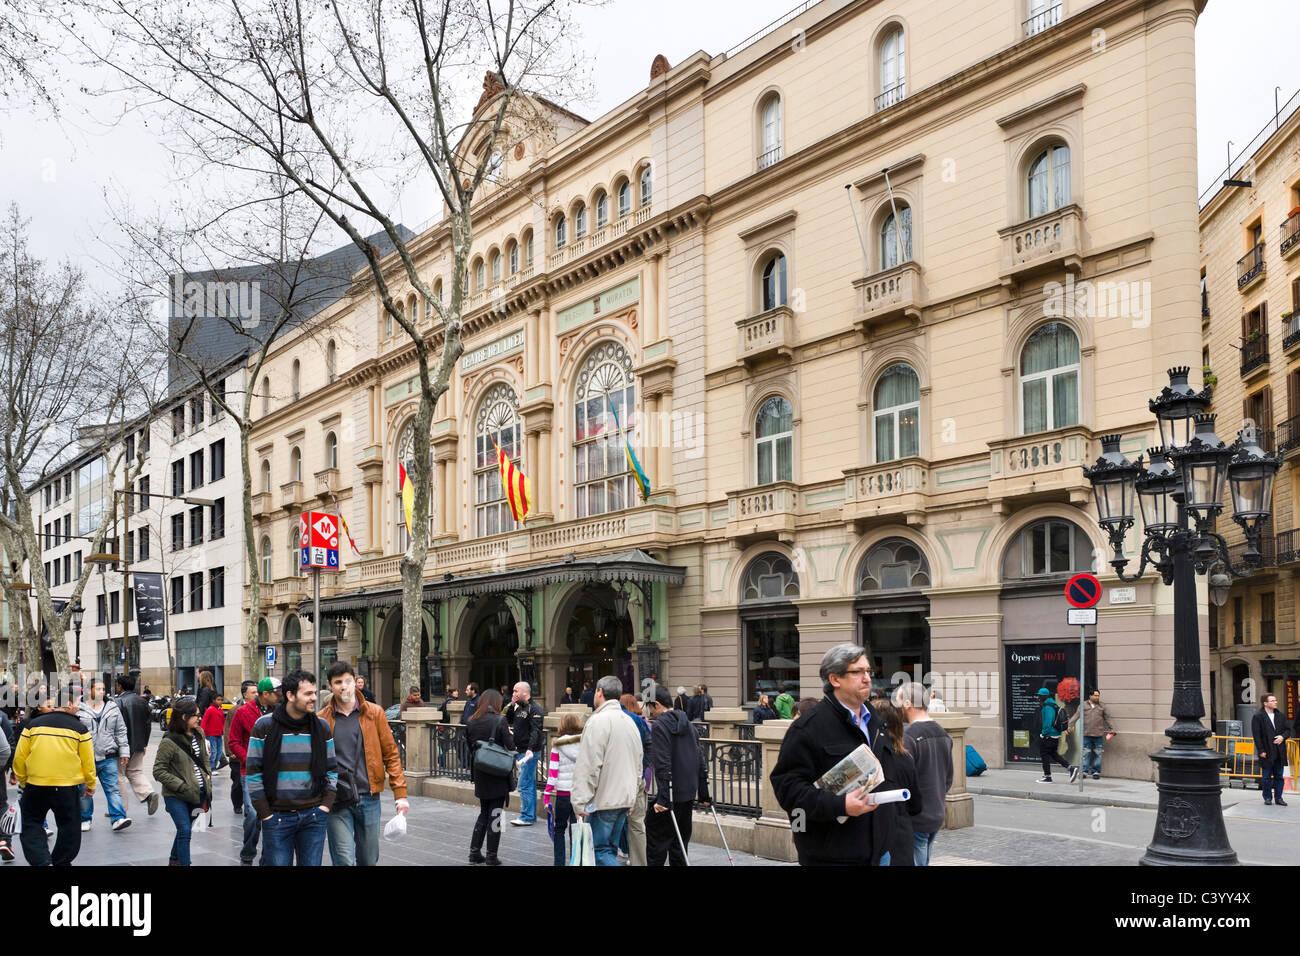 The Gran Teatre del Liceu on La Rambla (Las Ramblas), Barcelona, Catalunya, Spain - Stock Image